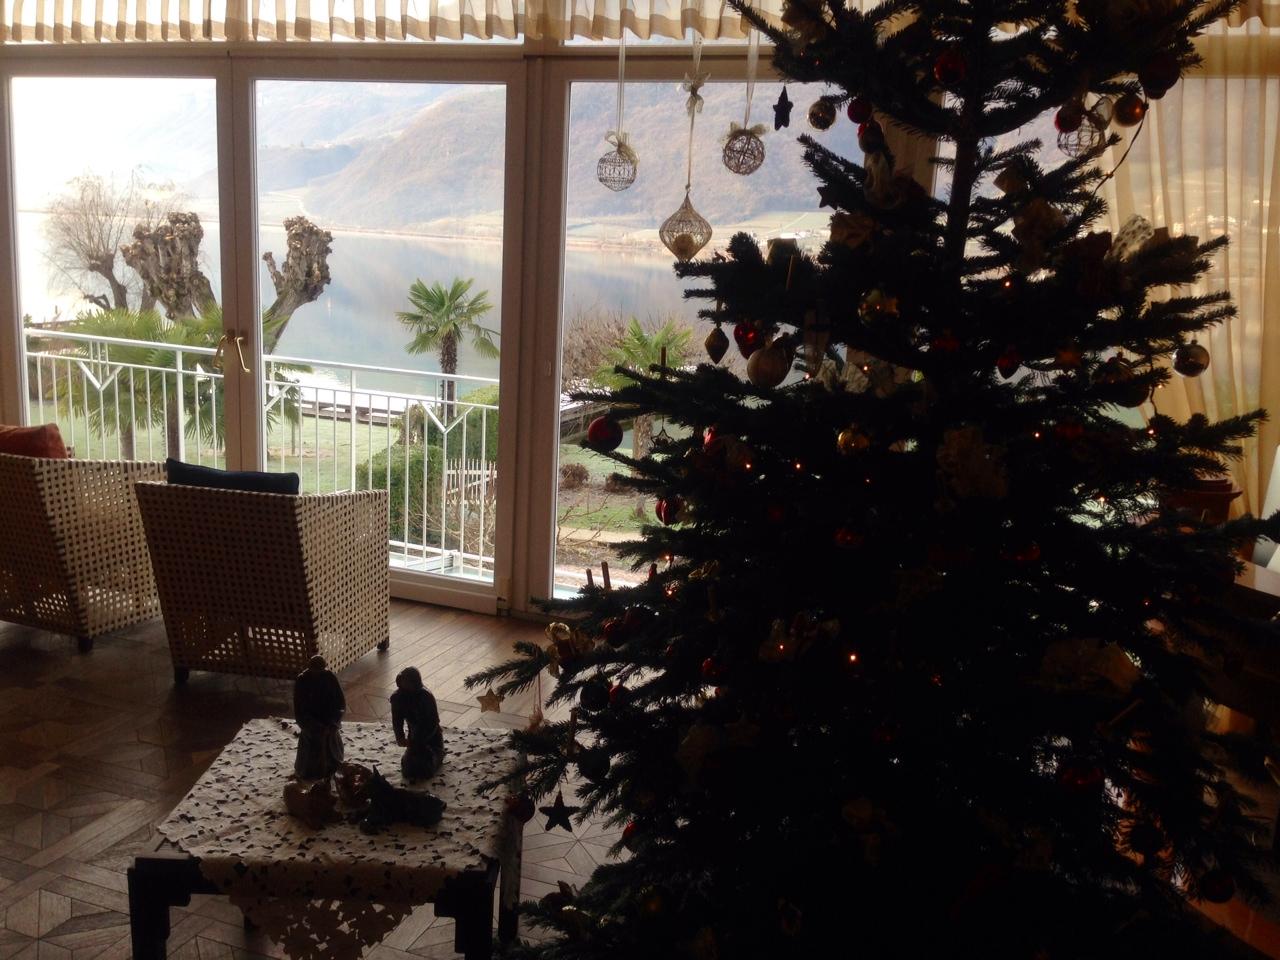 Unser Weihnachtsbaum hat mit roten und goldenen Kugeln geschmückt